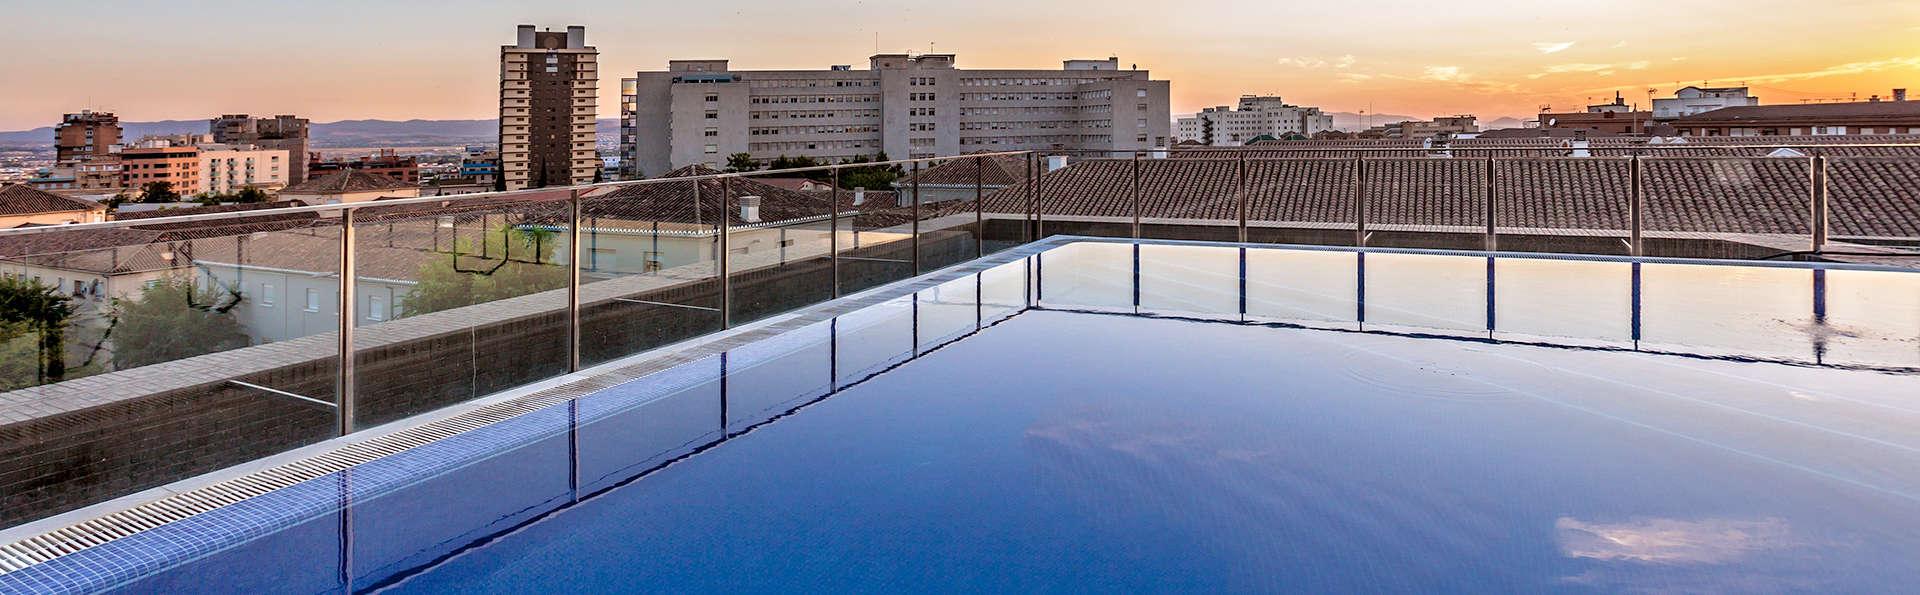 Escapada en Granada en un 4* con piscina panorámica y parking incluido